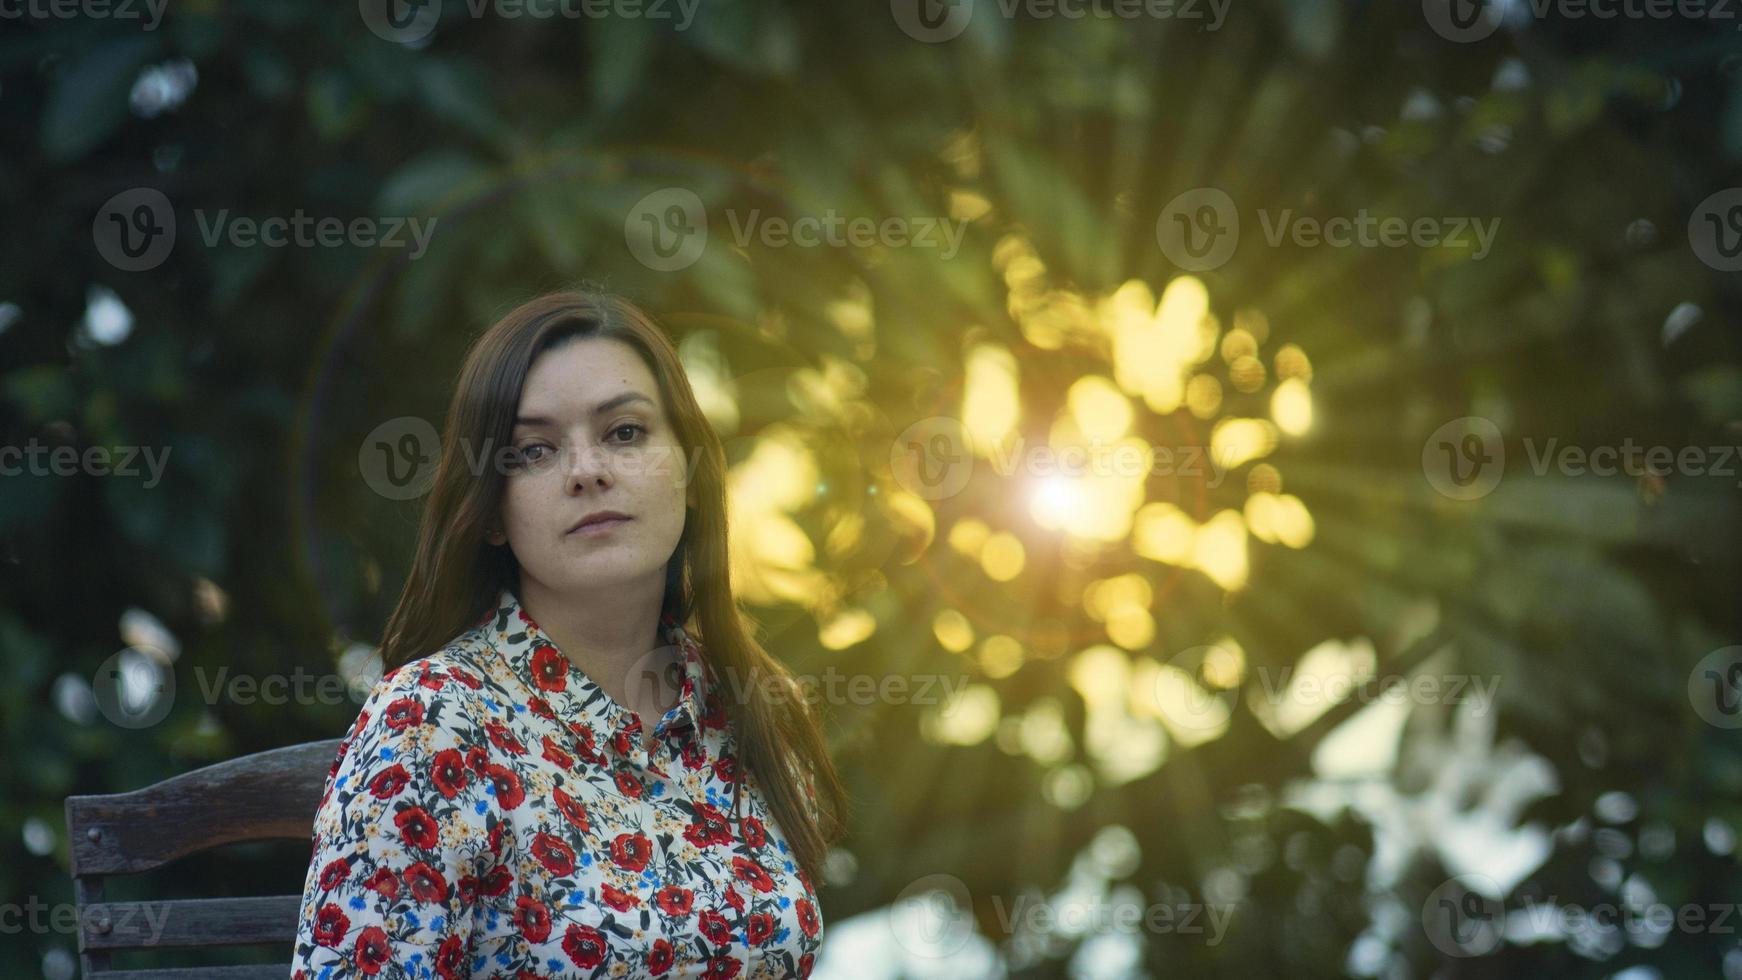 ung kvinna i en blommig klänning foto